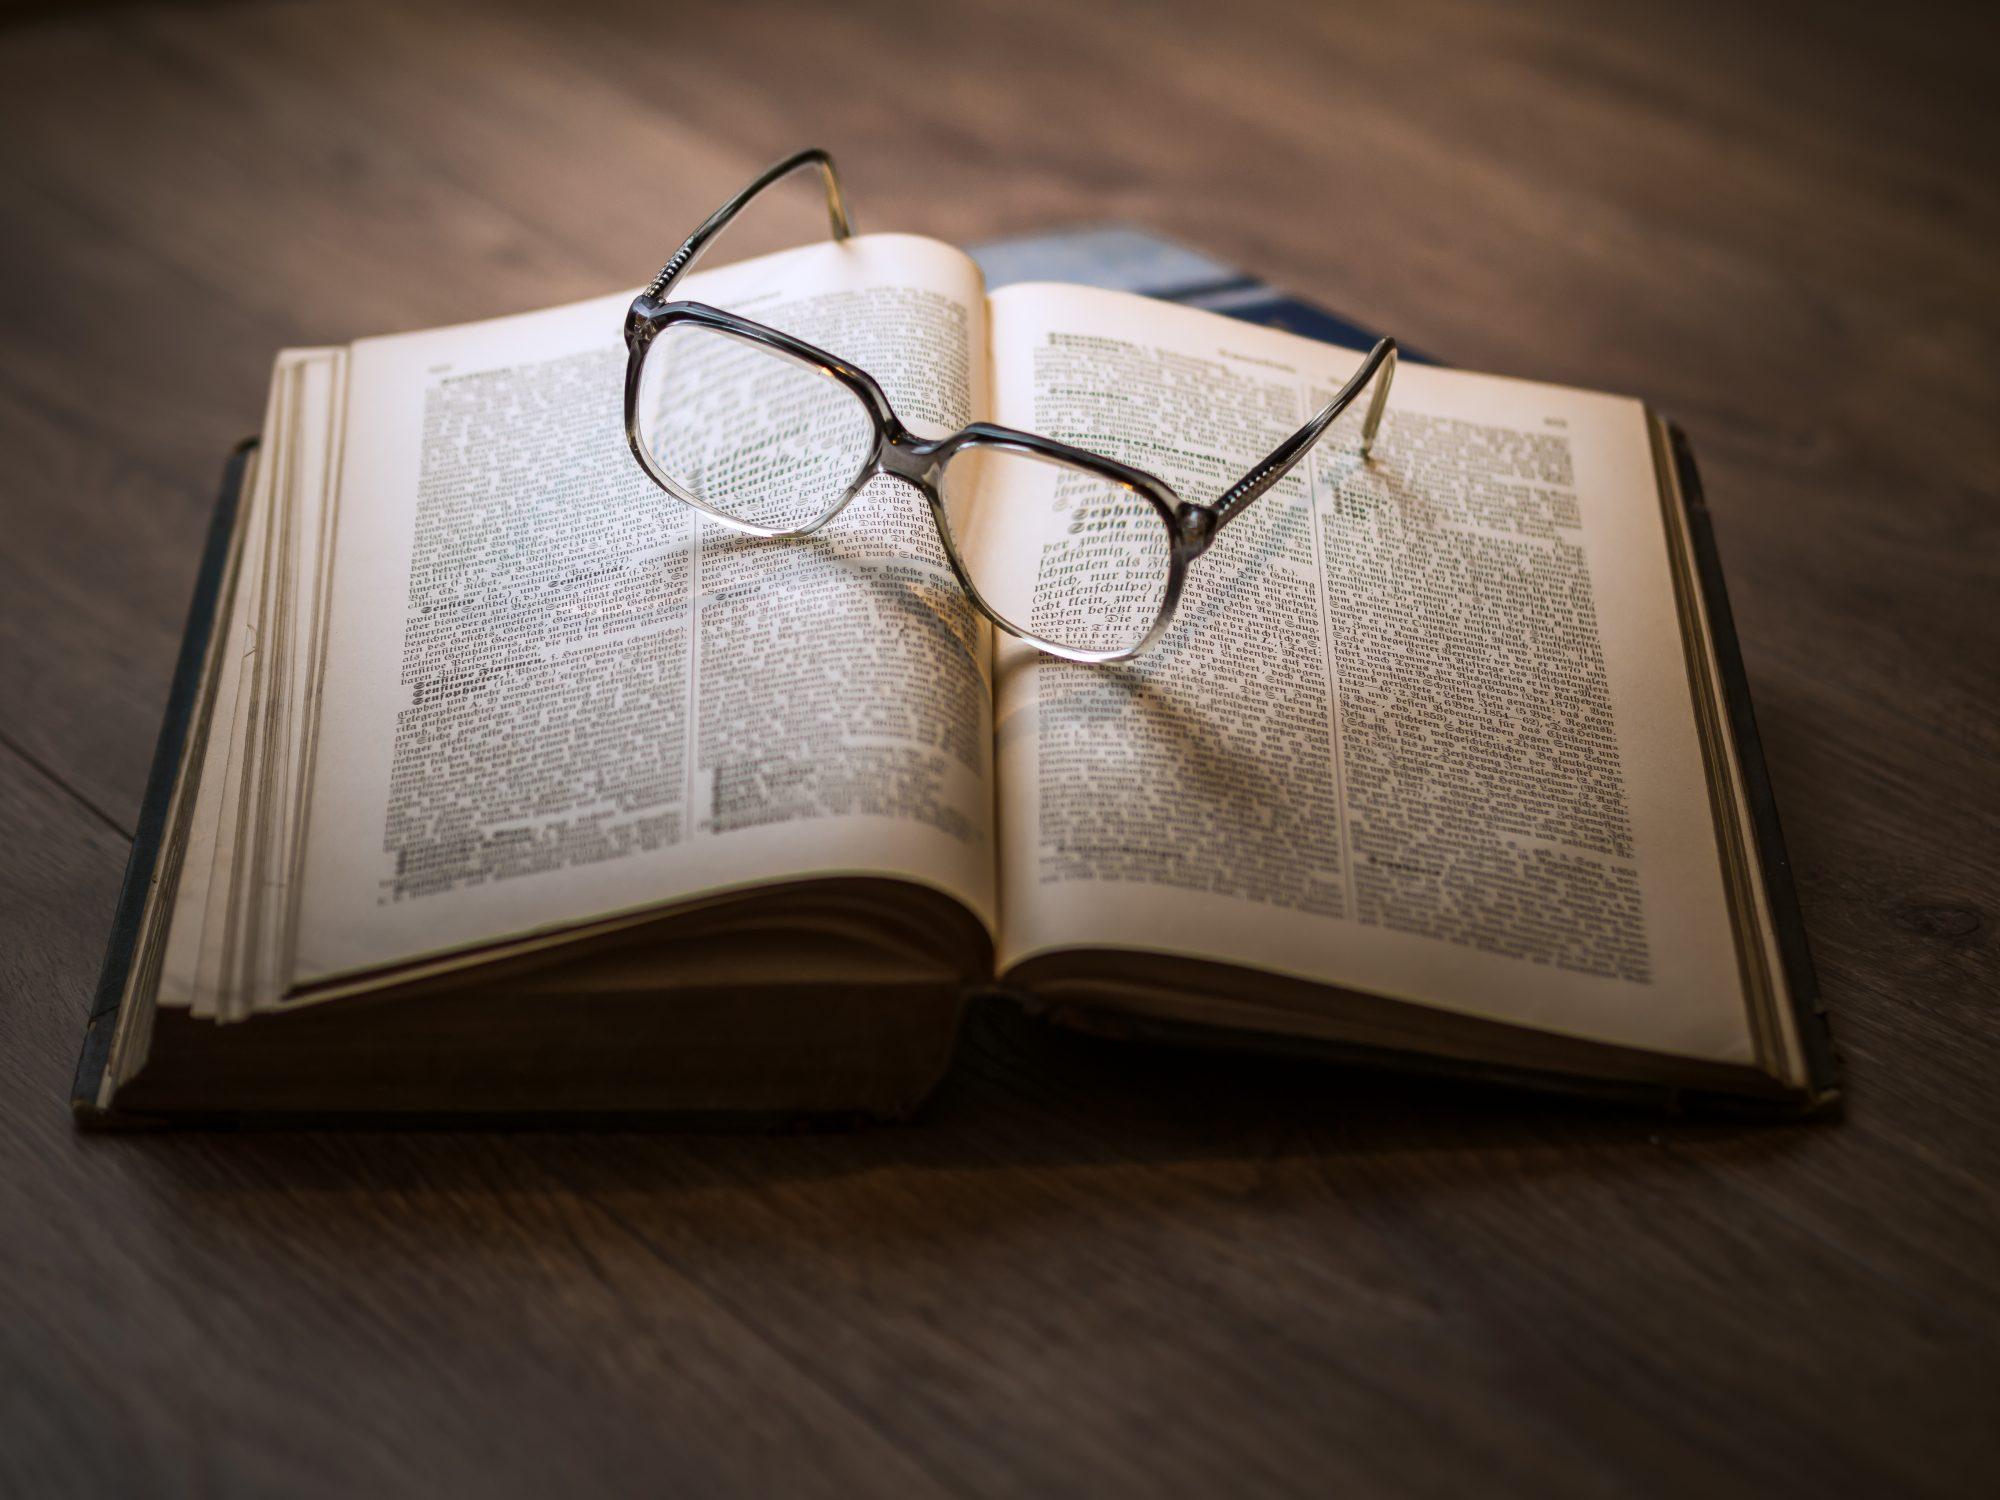 Aufgeschlagenes Buch mit Brille.